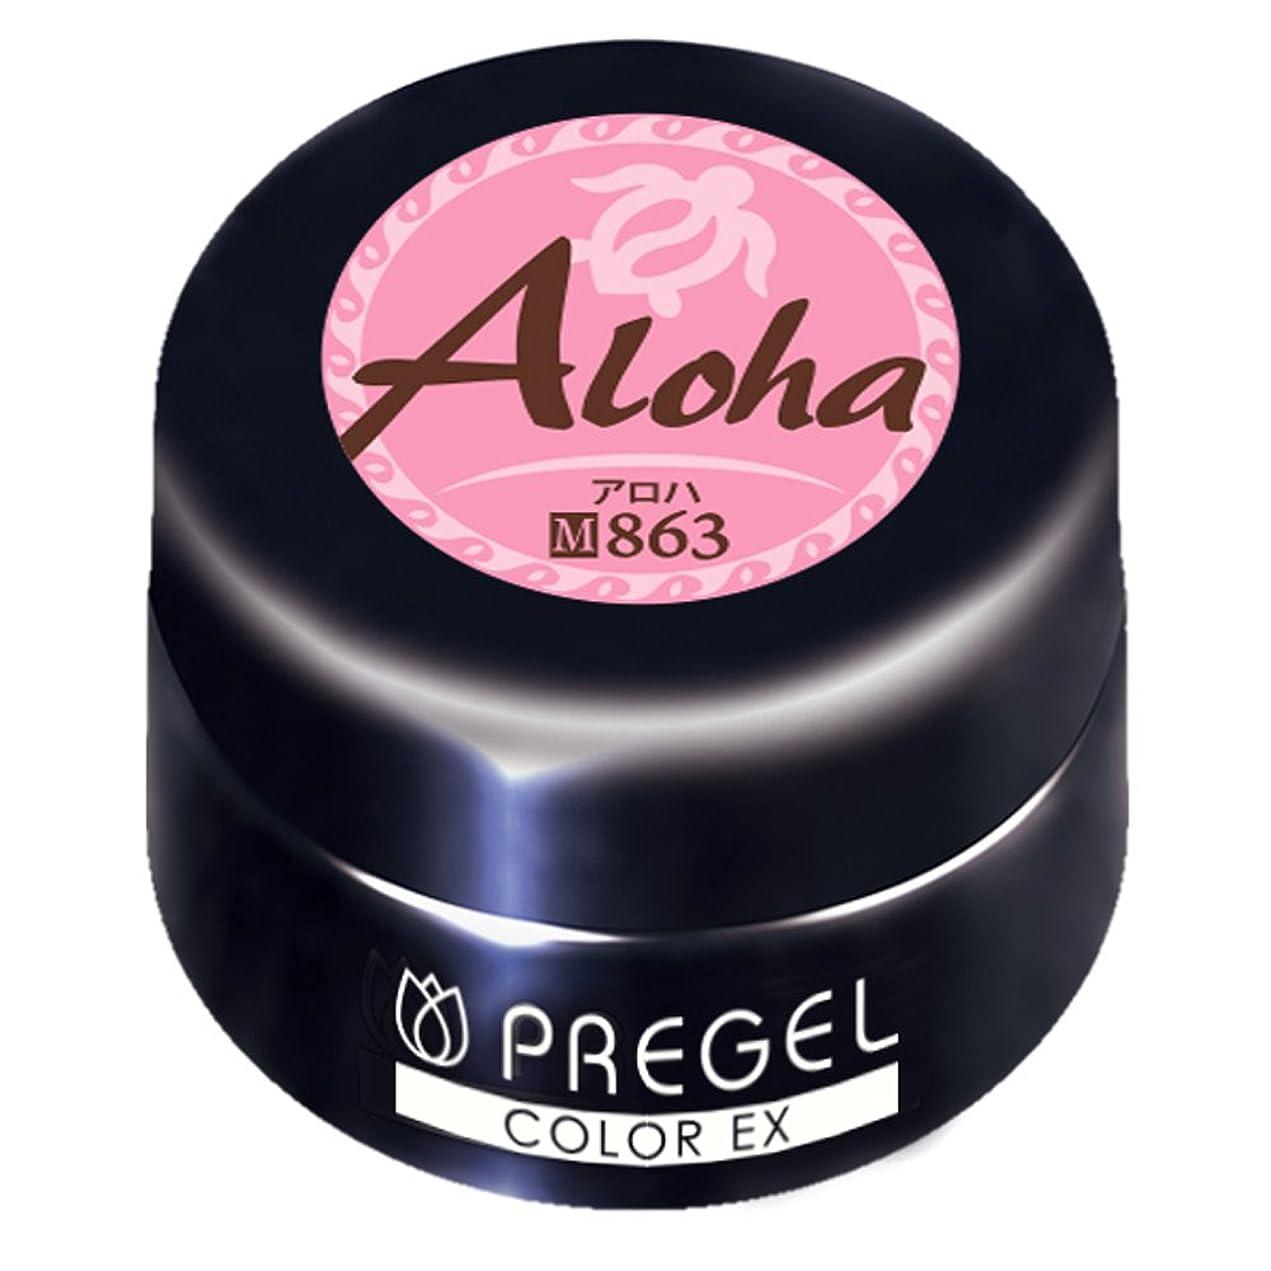 過言セイはさておき発言するPRE GEL カラーEX アロハ863 3g UV/LED対応